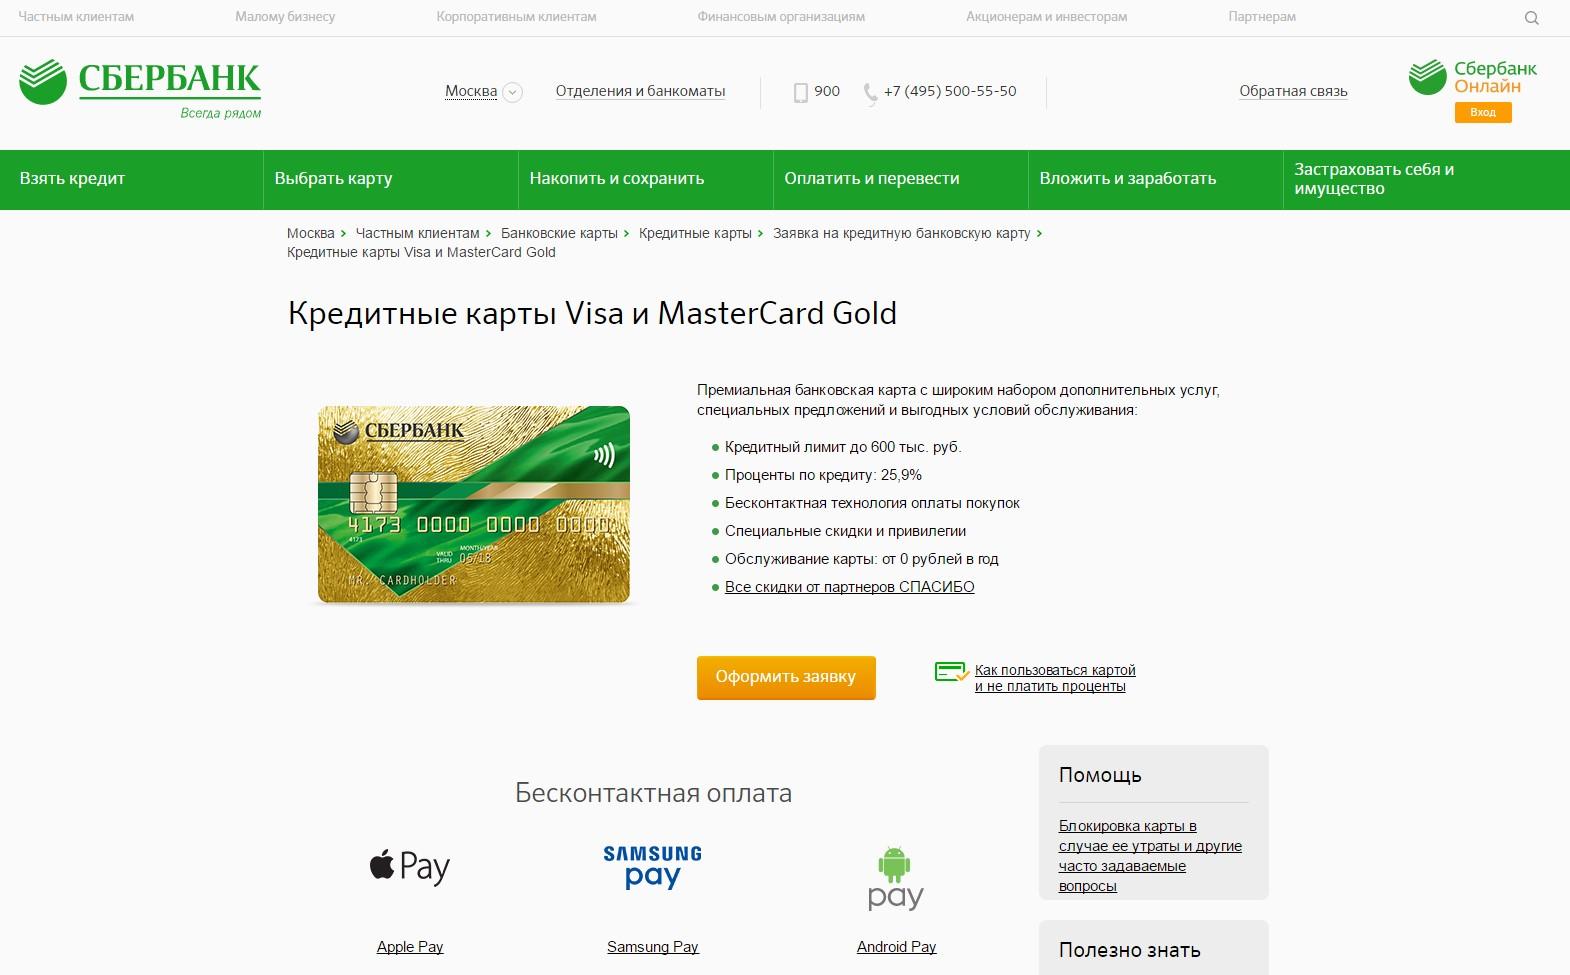 кредит наличными на карту сбербанка онлайн